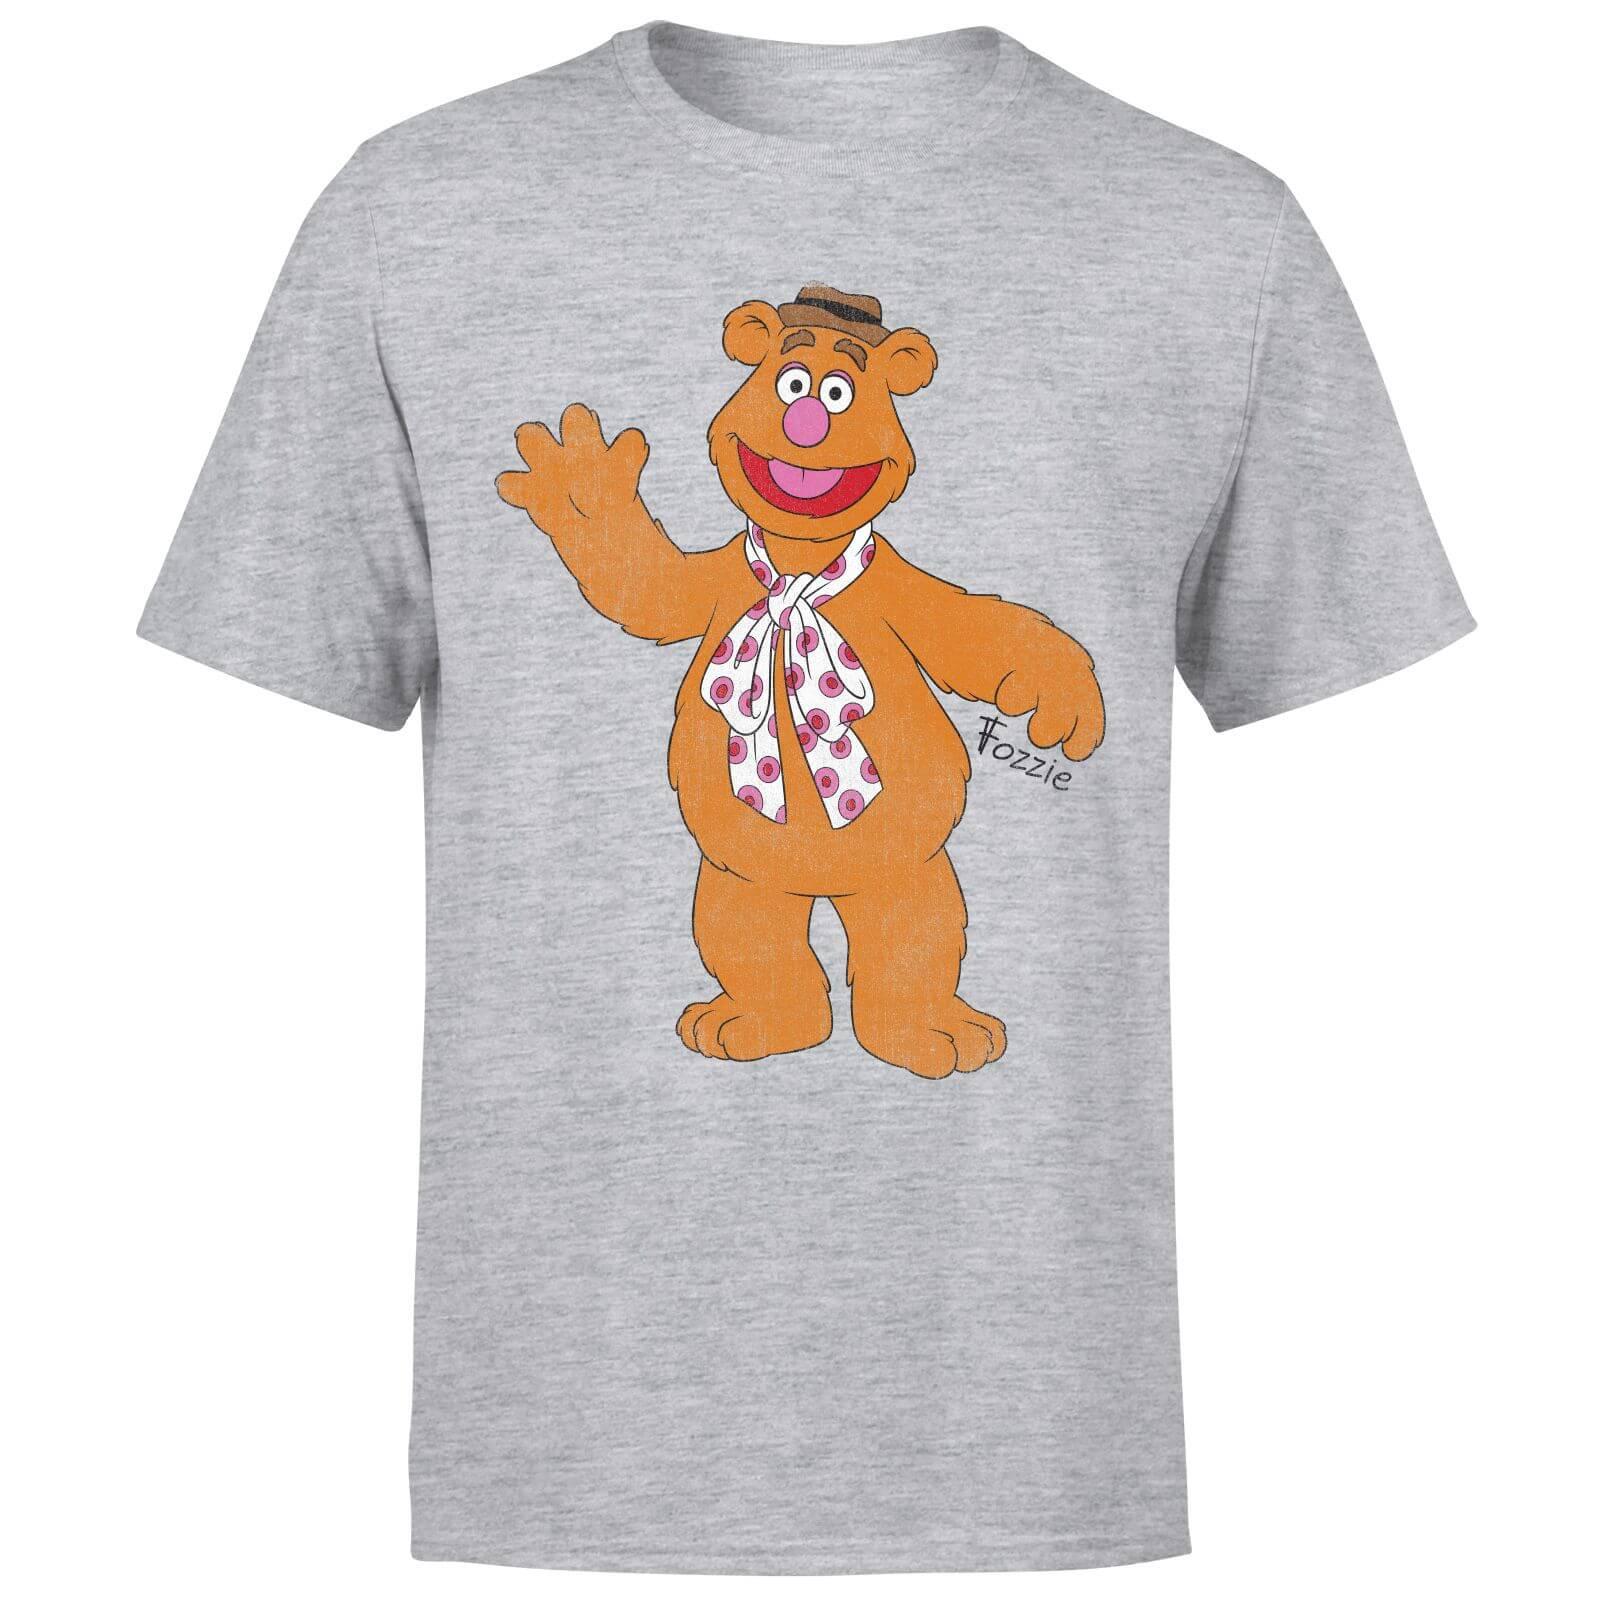 Disney Disney Muppets Fozzie Bear Classic T-Shirt - Grey - 4XL - Grey